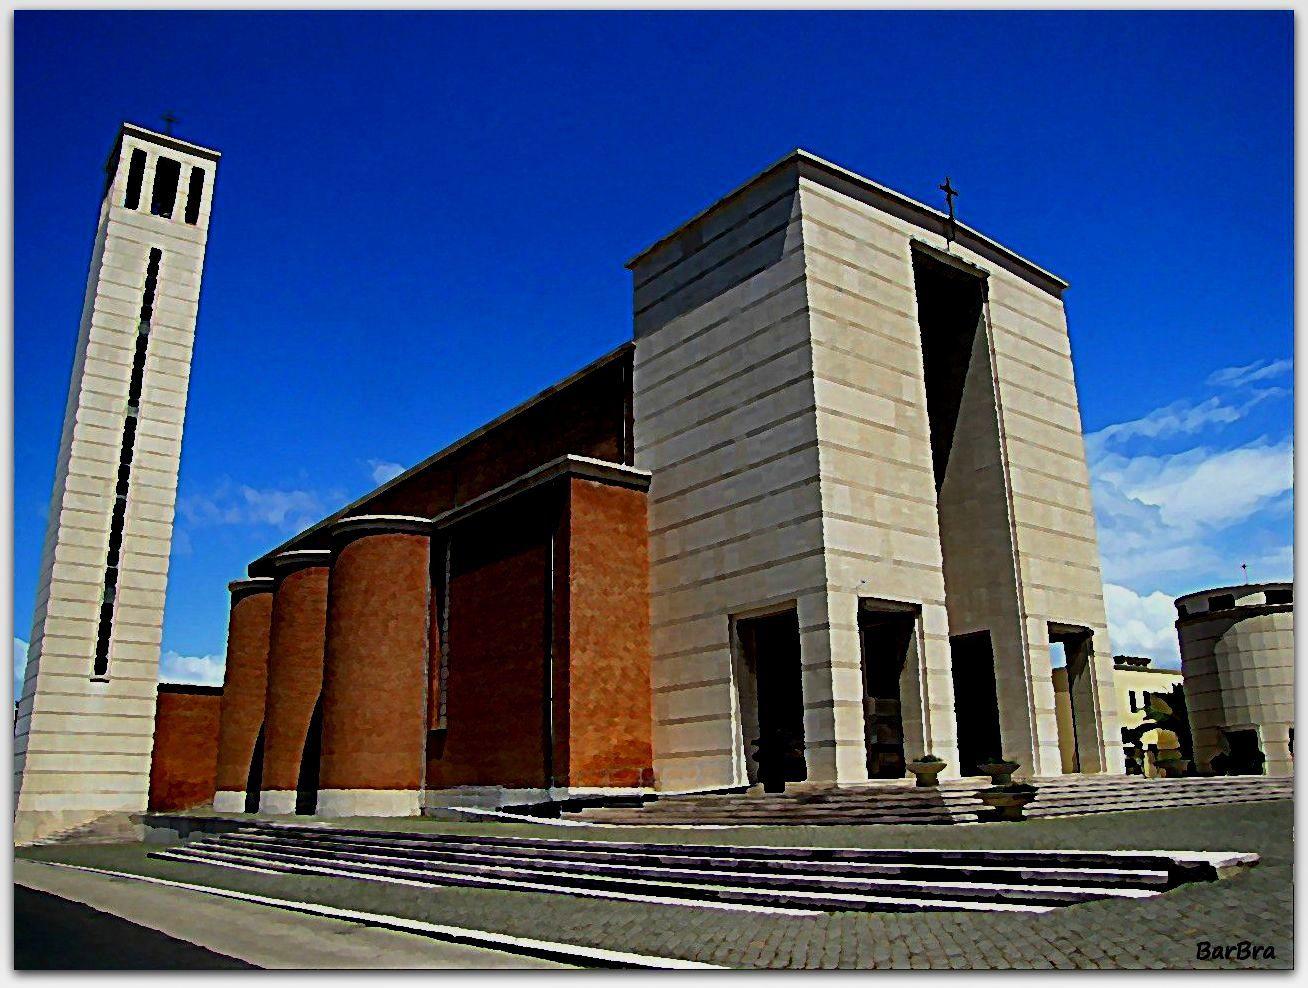 """Sabaudia -  In una Piazza di sapore """"metafisico"""", la Chiesa della Santissima Annunziata poggia su una larga base gradinata ... la torre campanaria, alta 46 metri e l'isolato battistero dalla forma cilindrica delimitano lo spazio"""